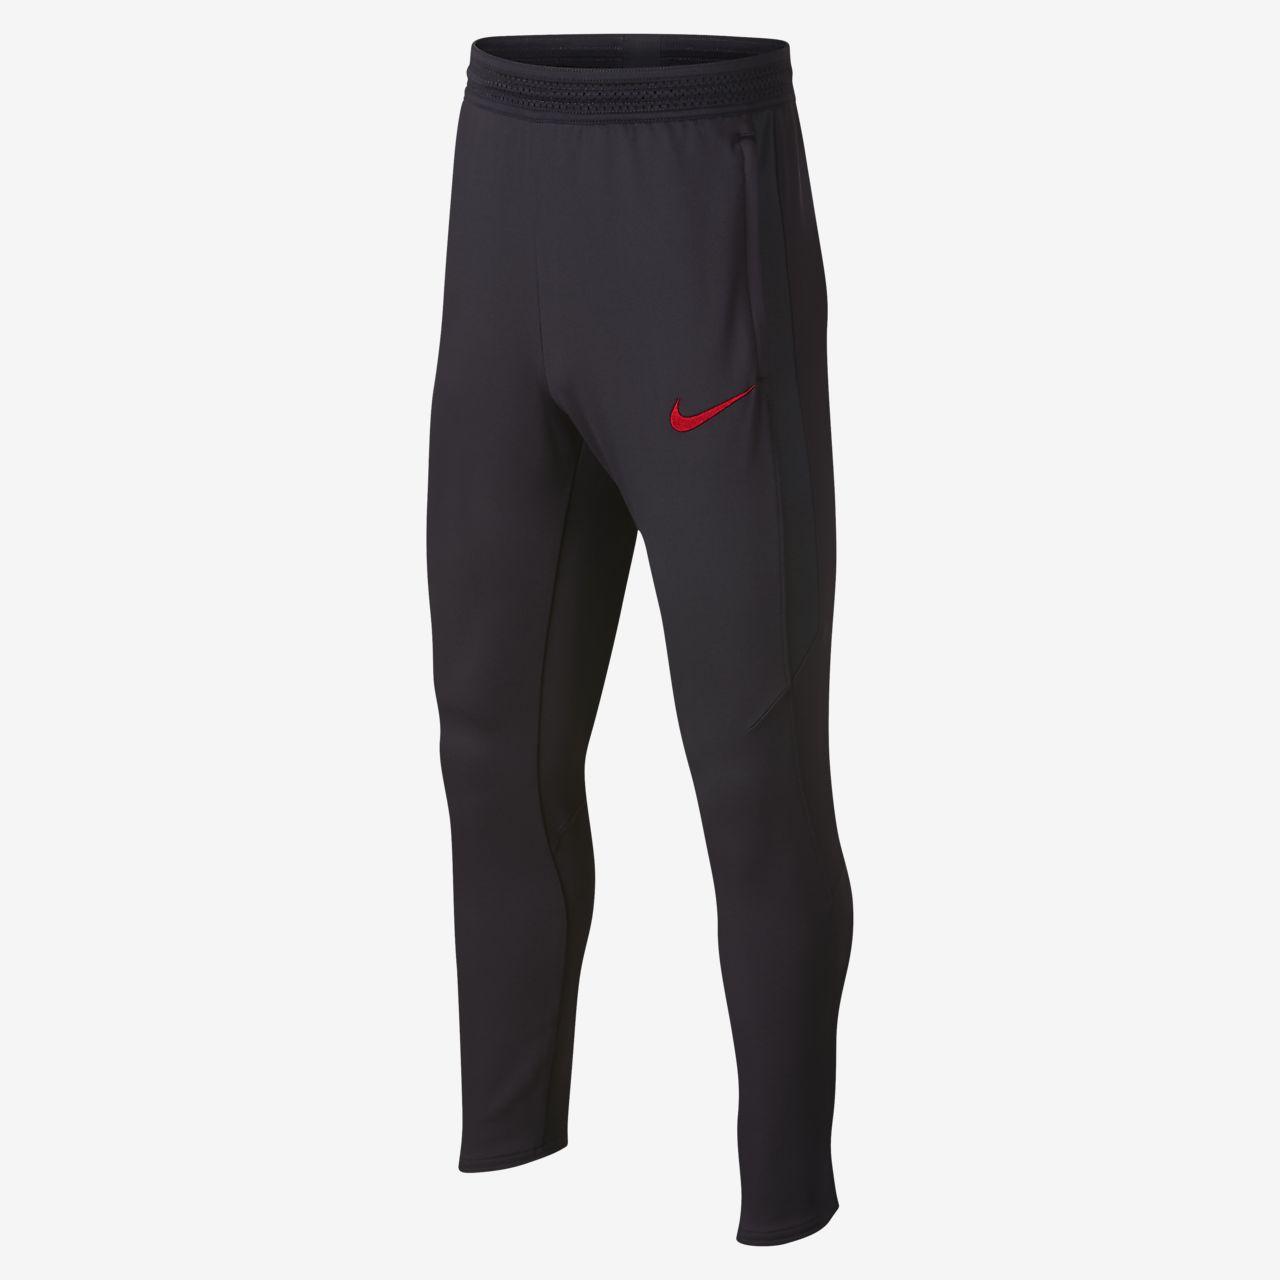 Pantalones de fútbol para niño talla grande PSG Dri-FIT Strike